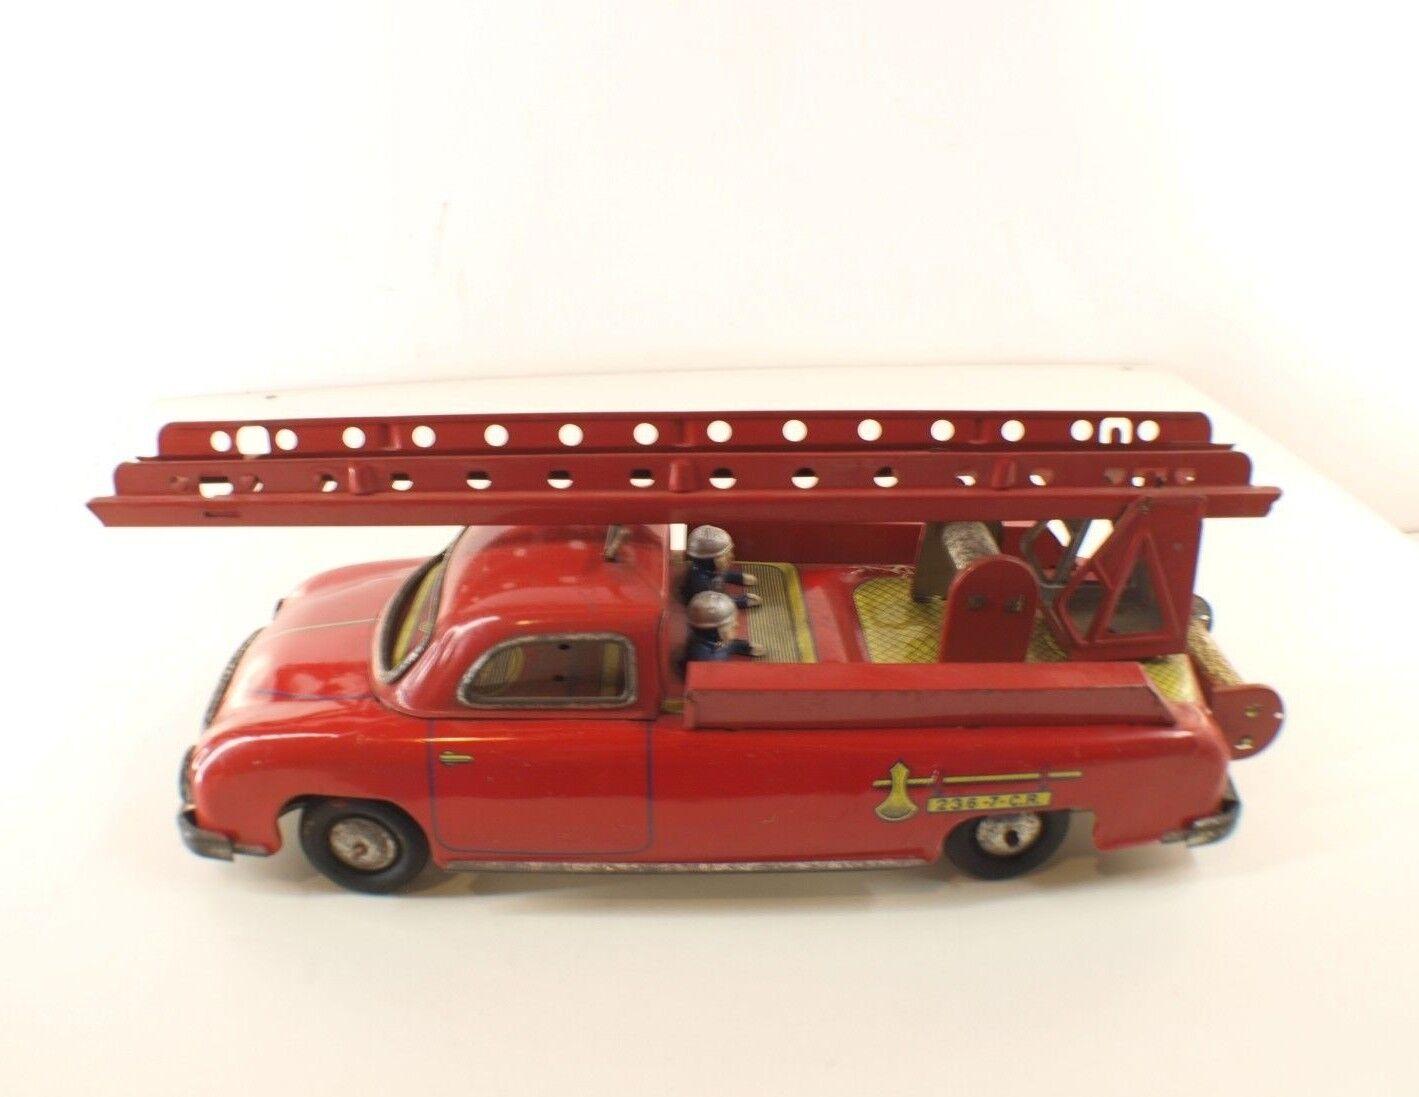 CR Charles Rossignol 236-7 Delahaye pompier moteur friction tôle tôle tôle tin toy RARE a2c250